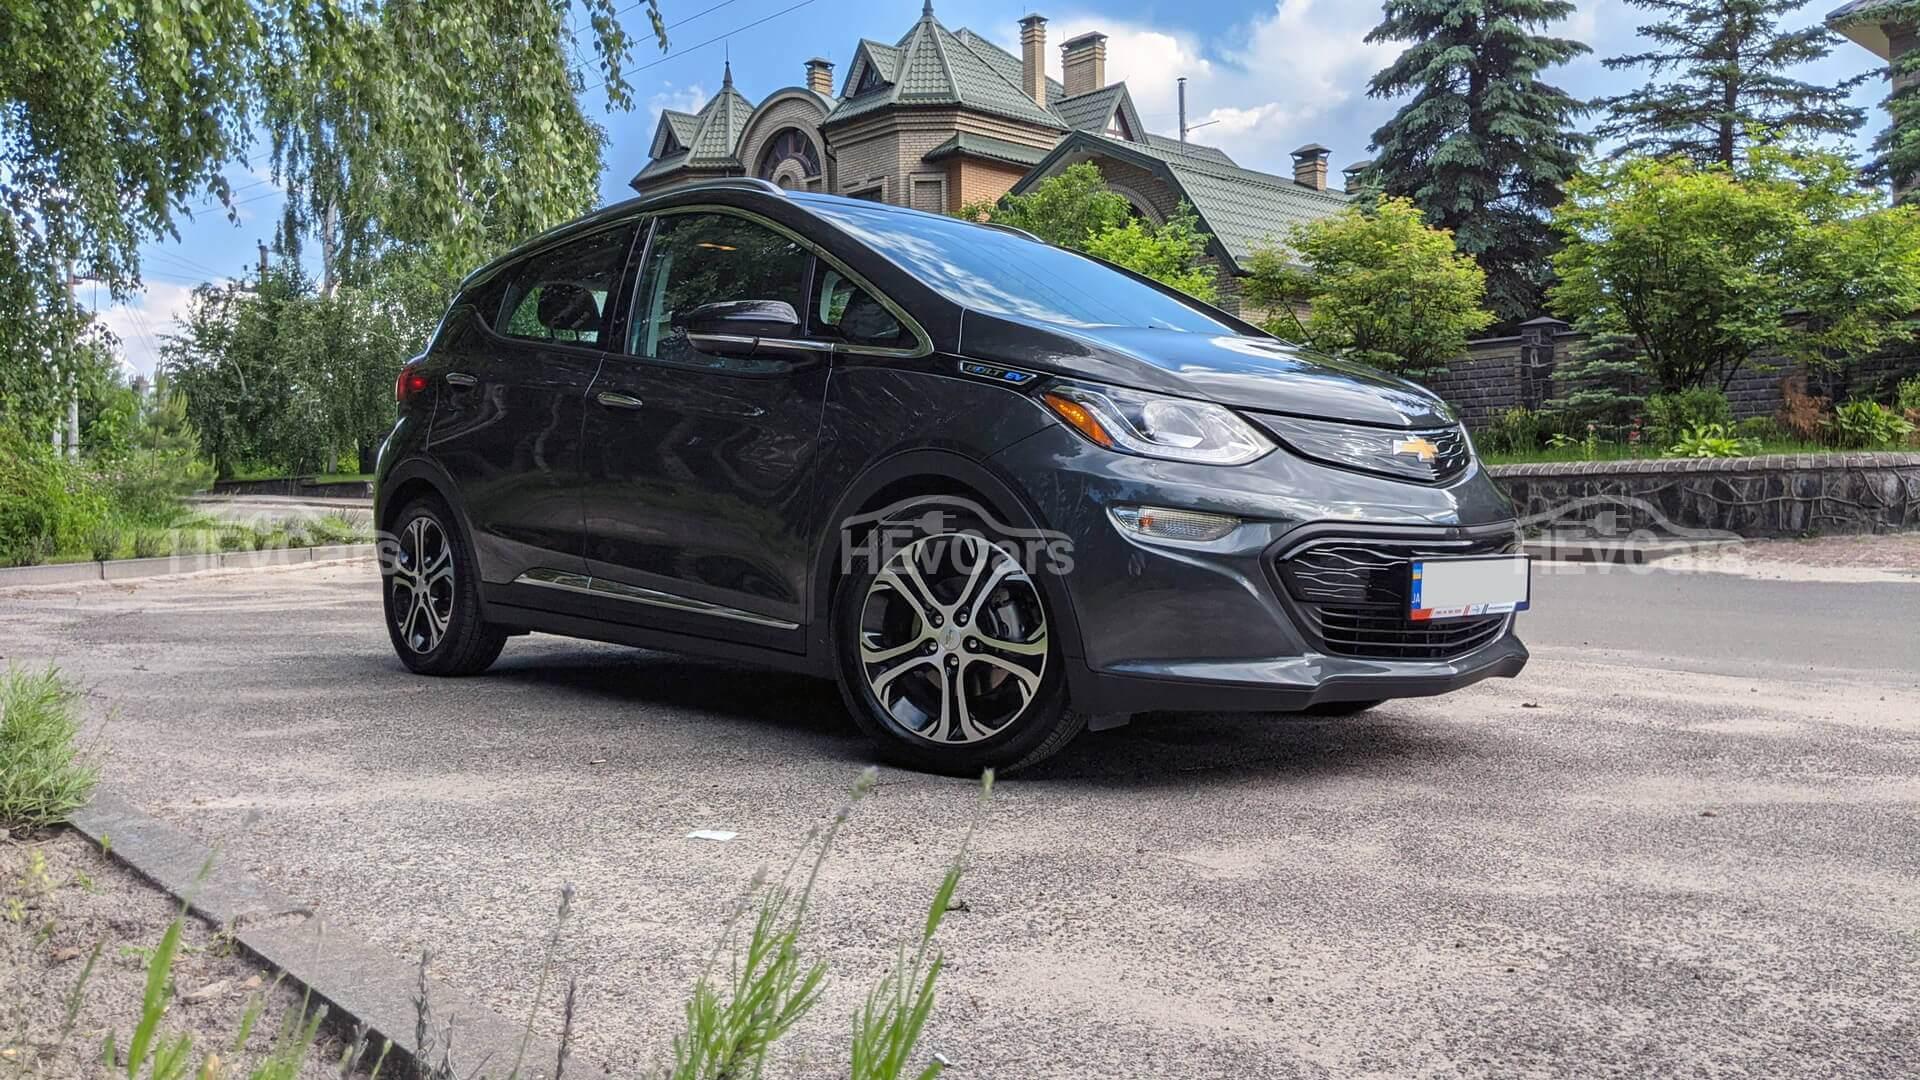 Chevrolet Bolt EV2020года получил увеличенный запас хода наодном заряде батареи емкостью 66кВт⋅ч на34км (согласно EPA 417км)